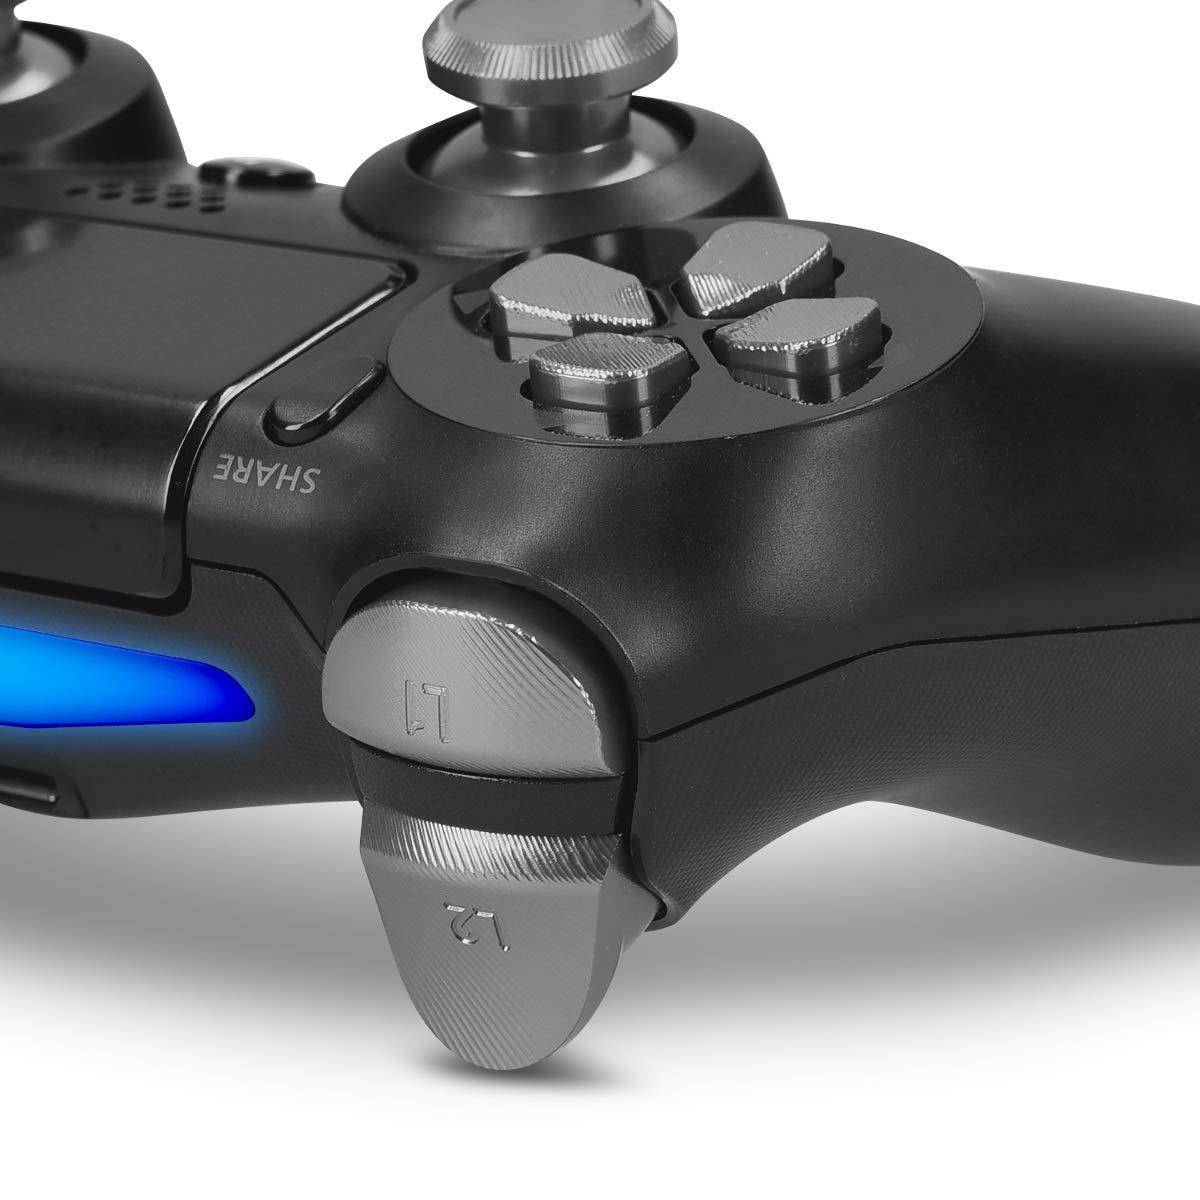 kwmobile Botones de repuesto compatible con Playstation Controlador PS 4 Pro / PS4 Slim (2. Gen) - Botones de aluminio en plata: Amazon.es: Videojuegos